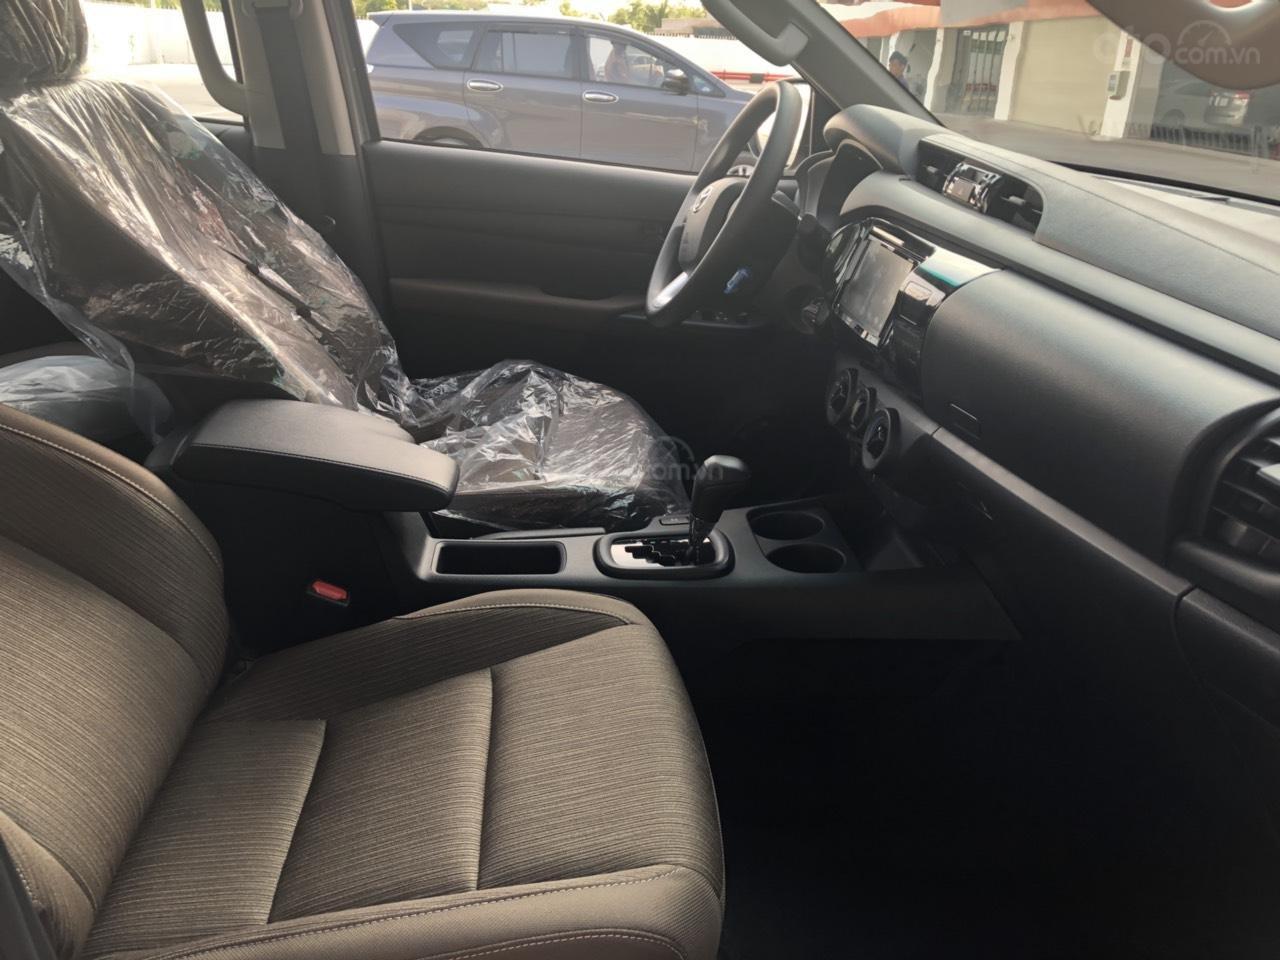 Toyota Hilux 2.4 (4x2), màu trắng ngọc trai, nhập Thái - khuyến mãi giảm tiền mặt khủng- tặng thêm phụ kiện (5)